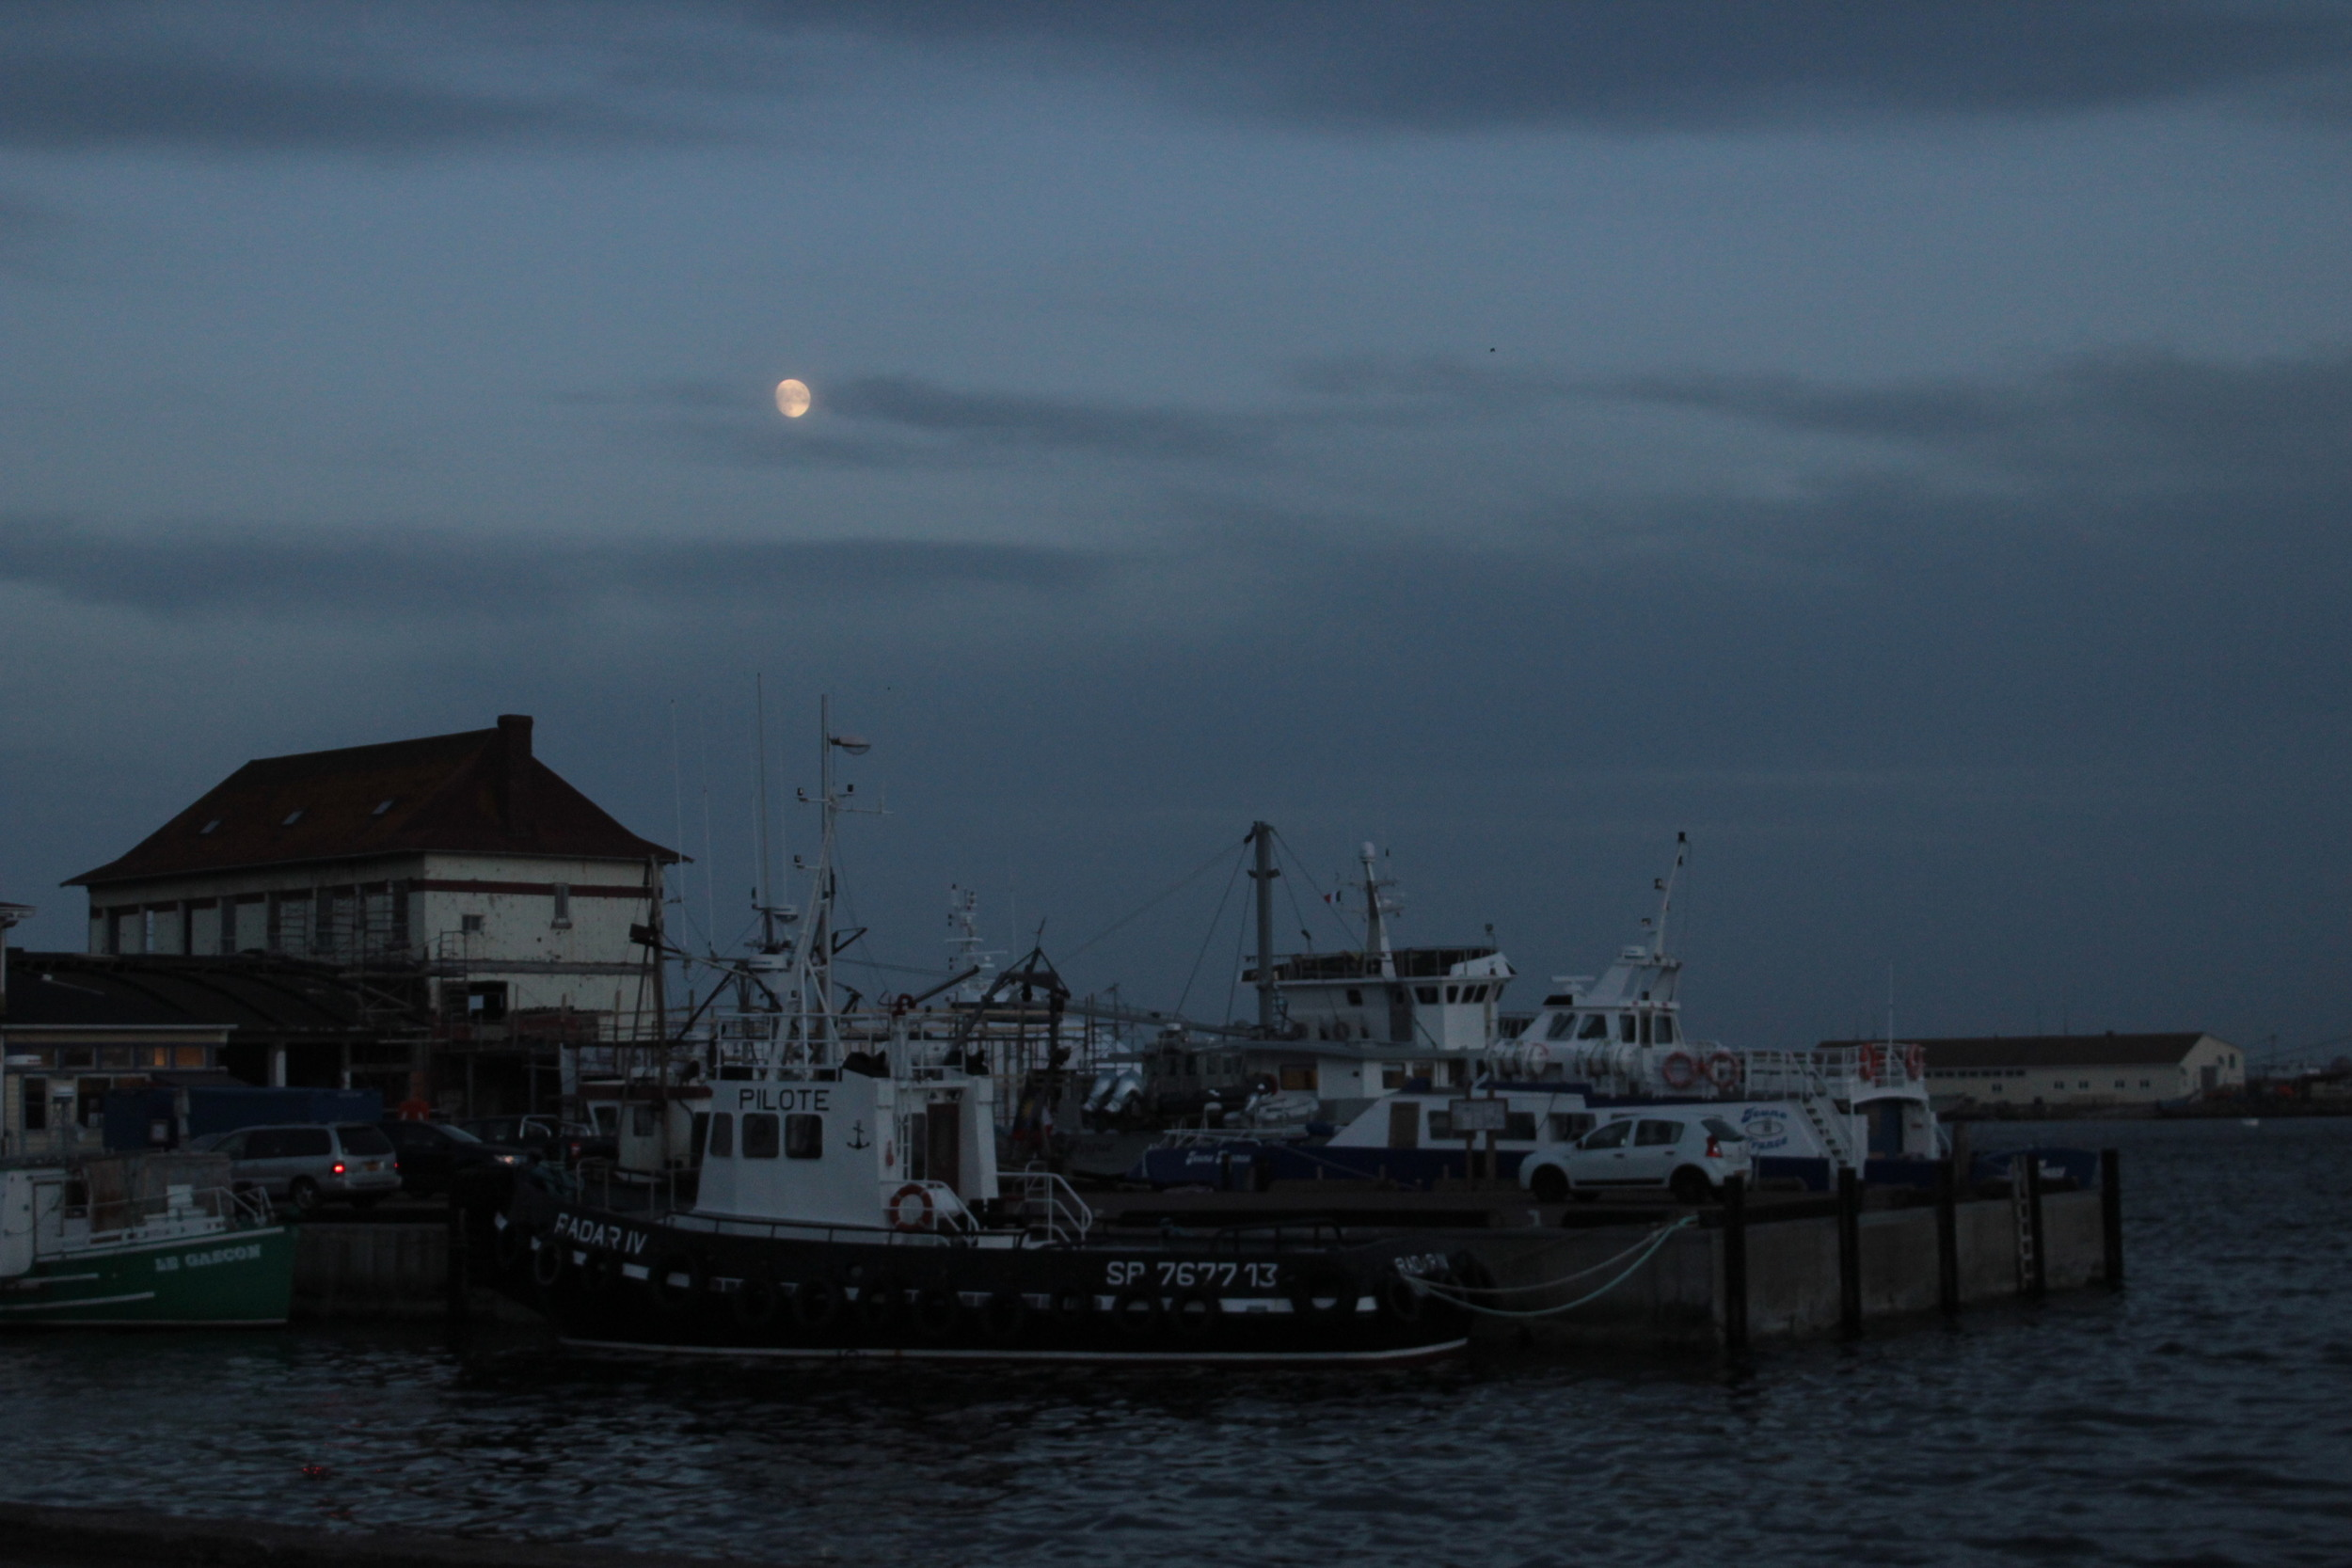 stpierre_dock.jpg